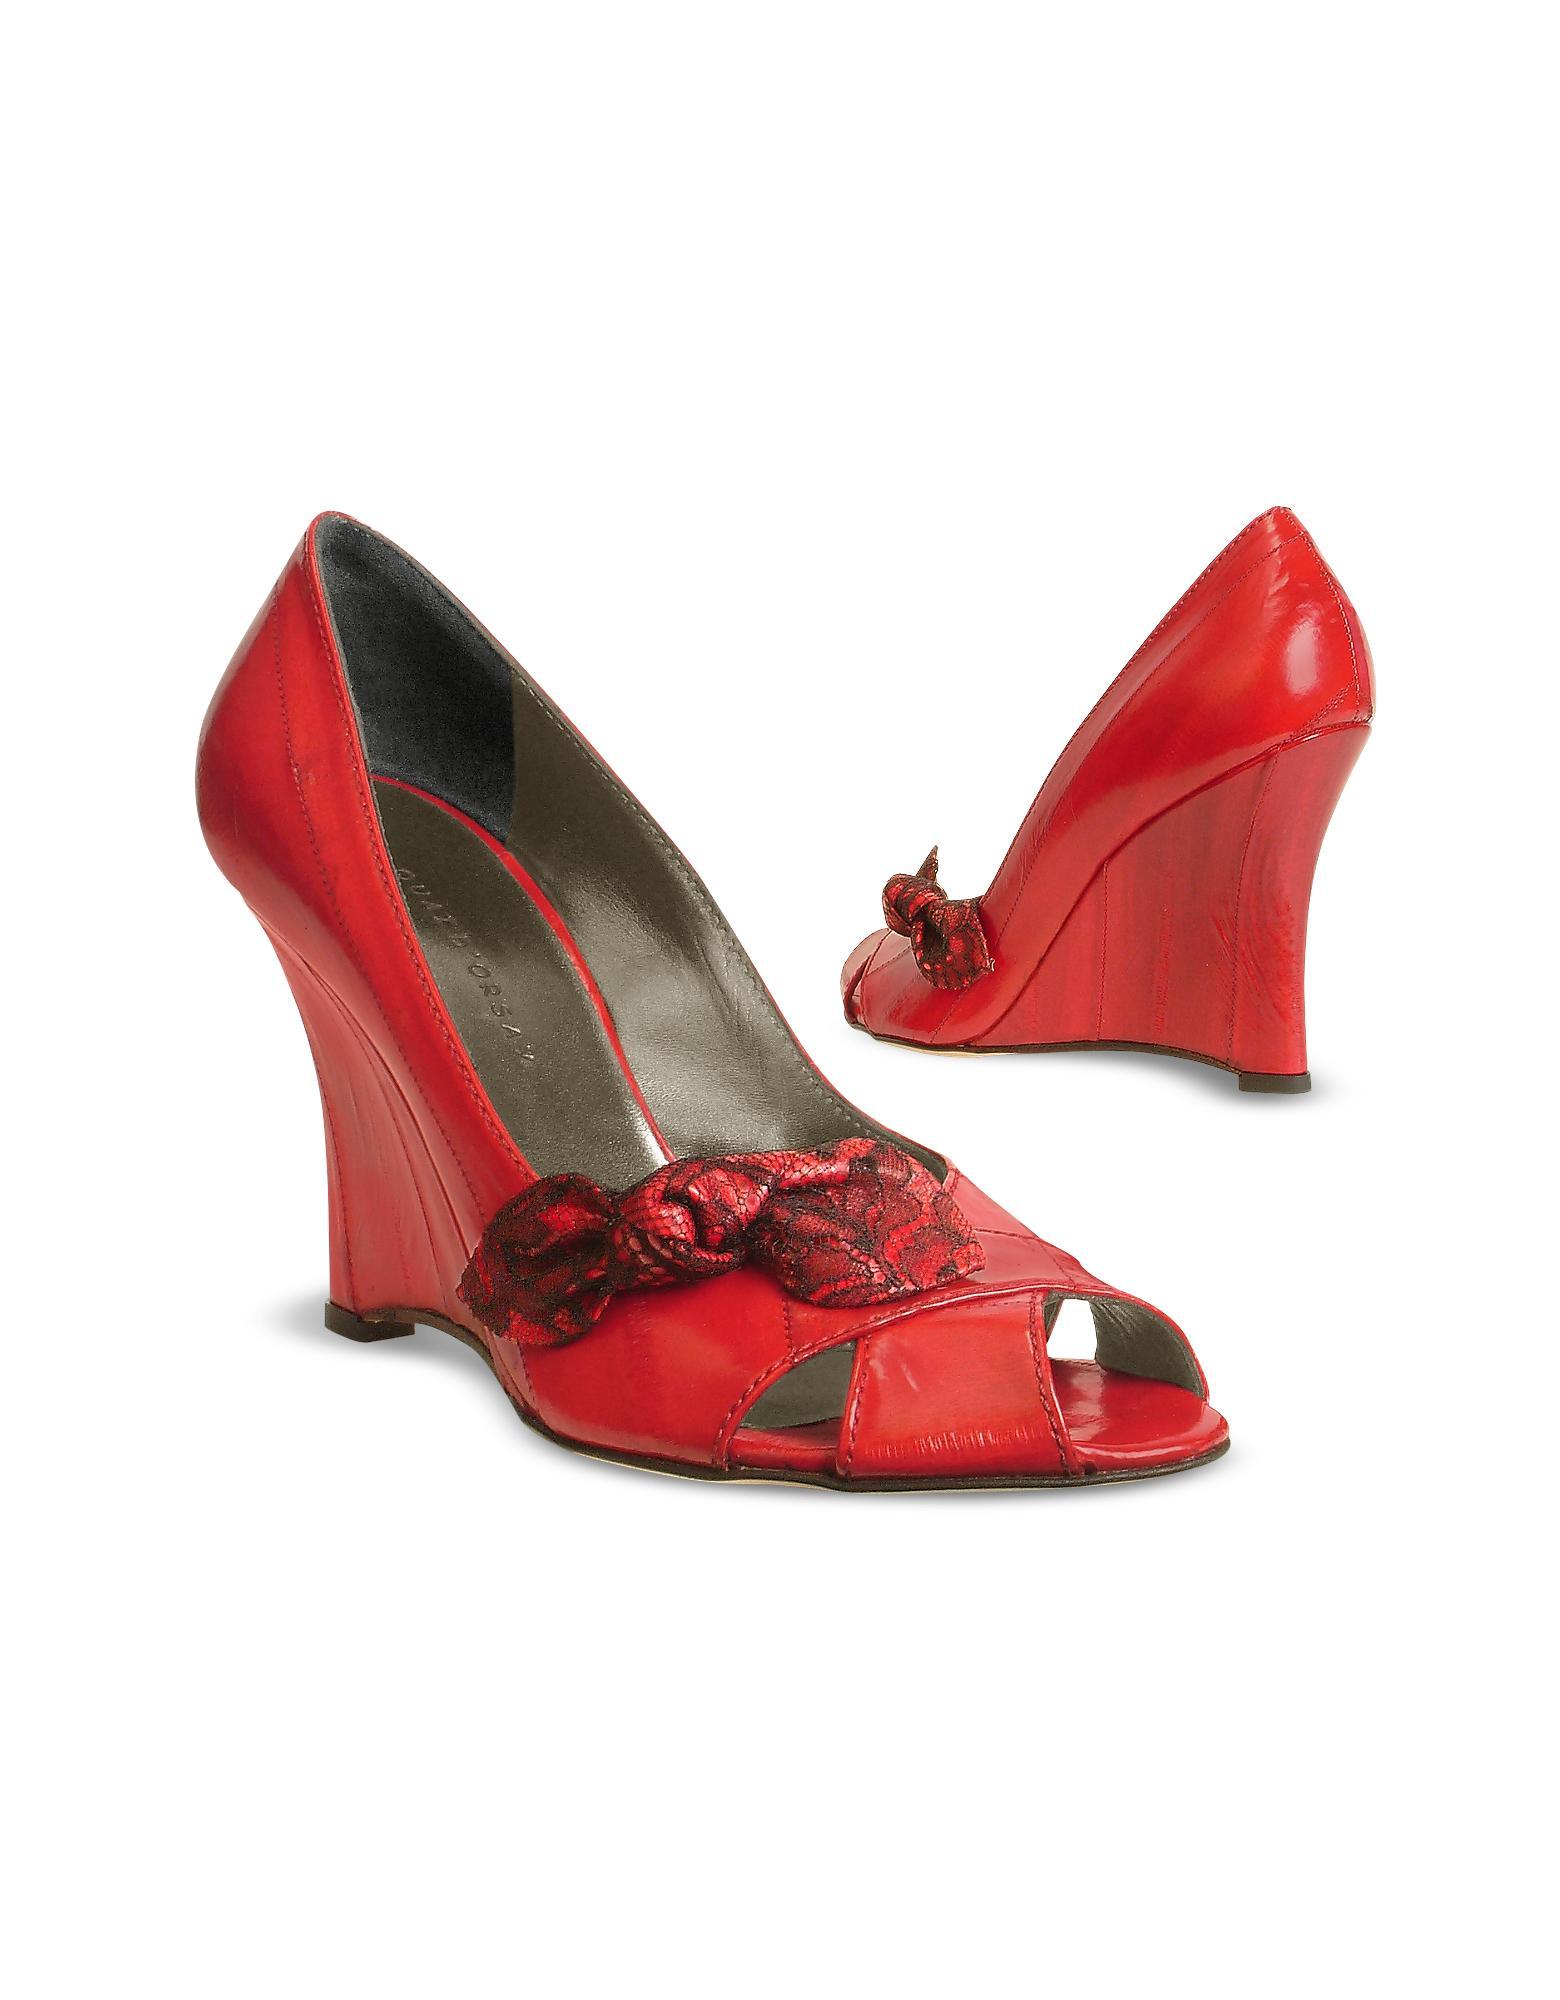 Forzieri FR Quai D'Orsay Chaussures � semelles compens�es en cuir d'anguille rouge